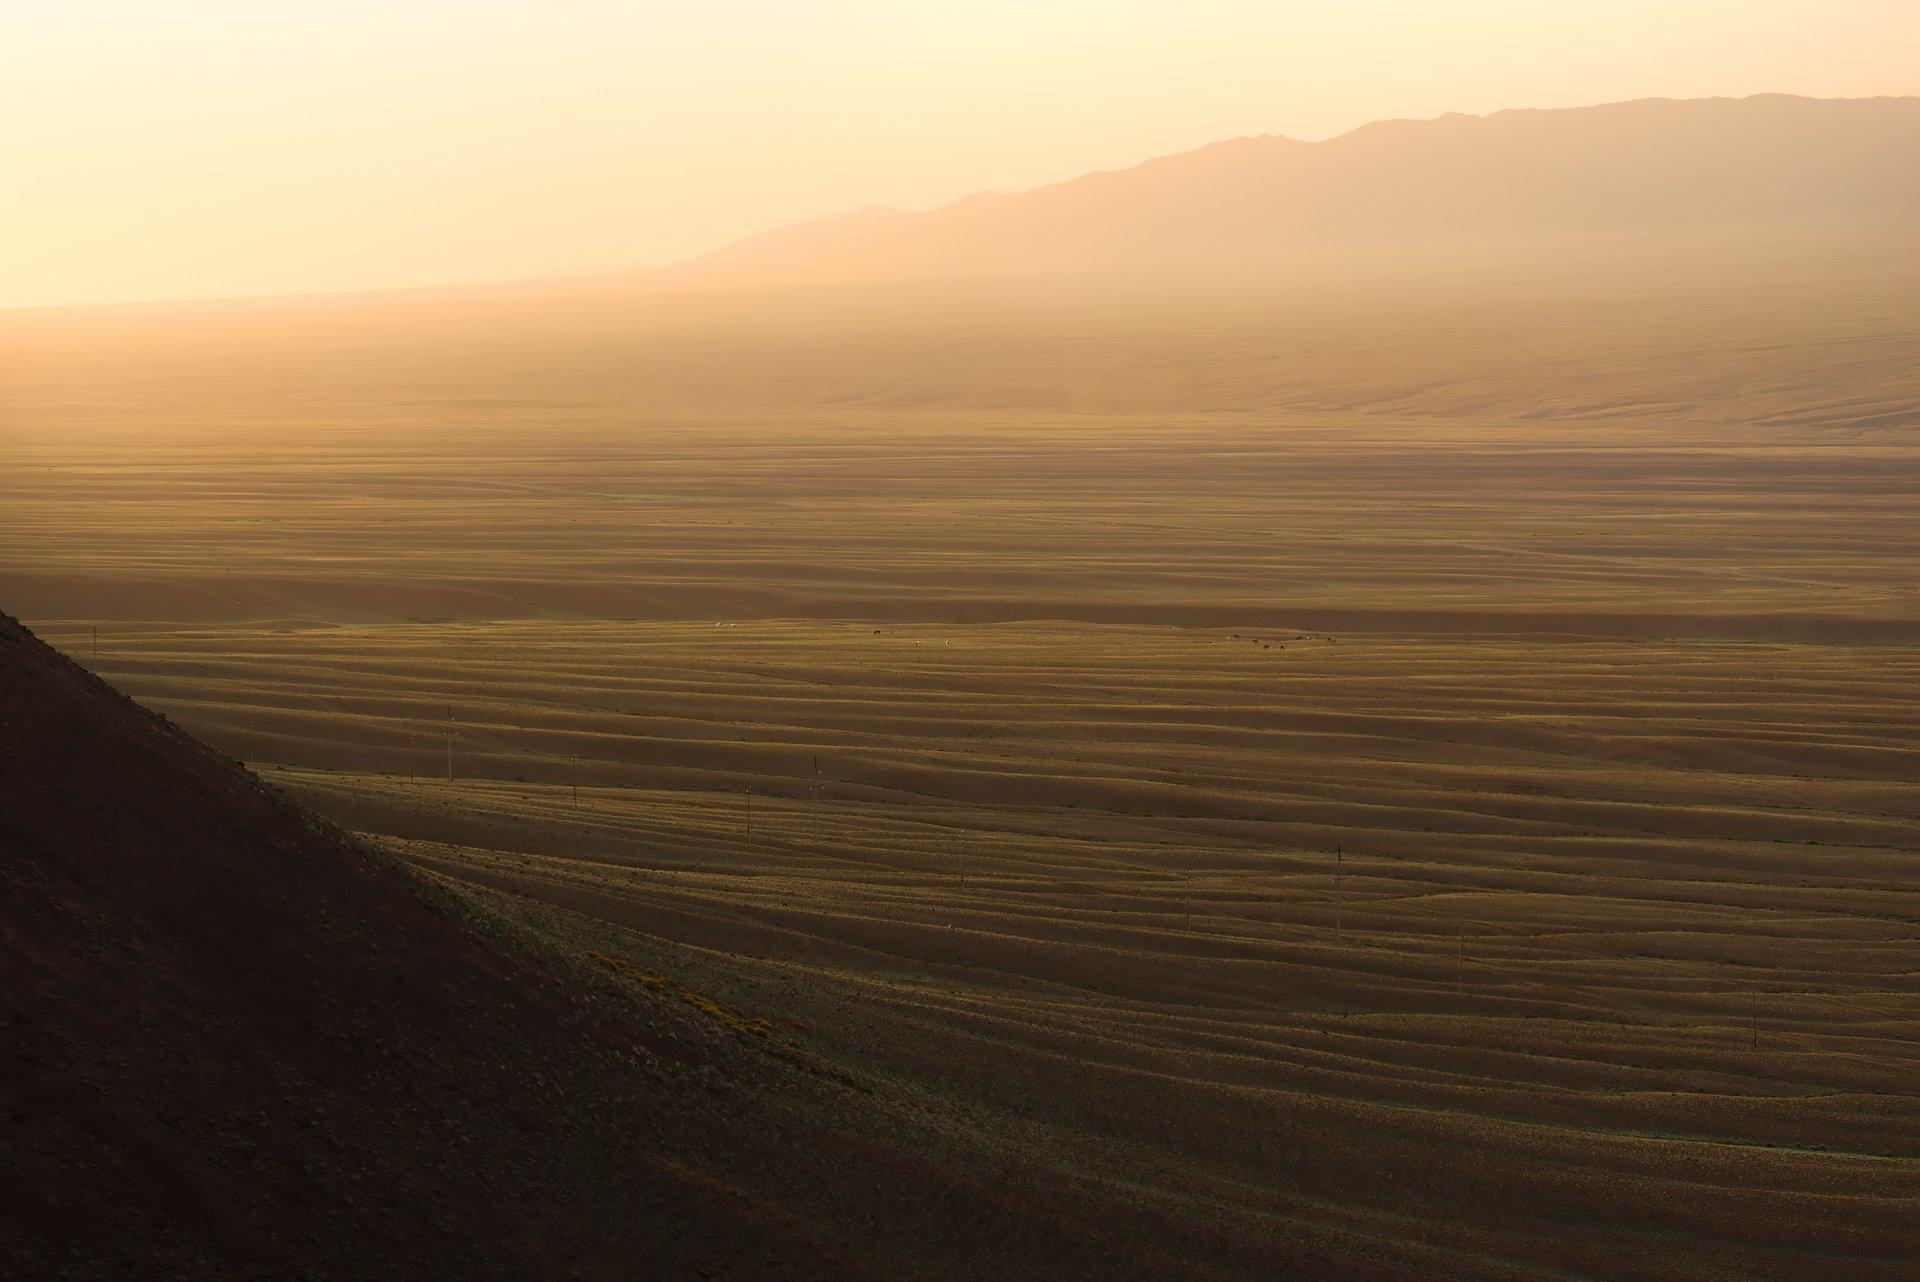 утро, восход солнца, линии, горный пейзаж, холмы, бартогай, казахстан, путешествие, Владимир